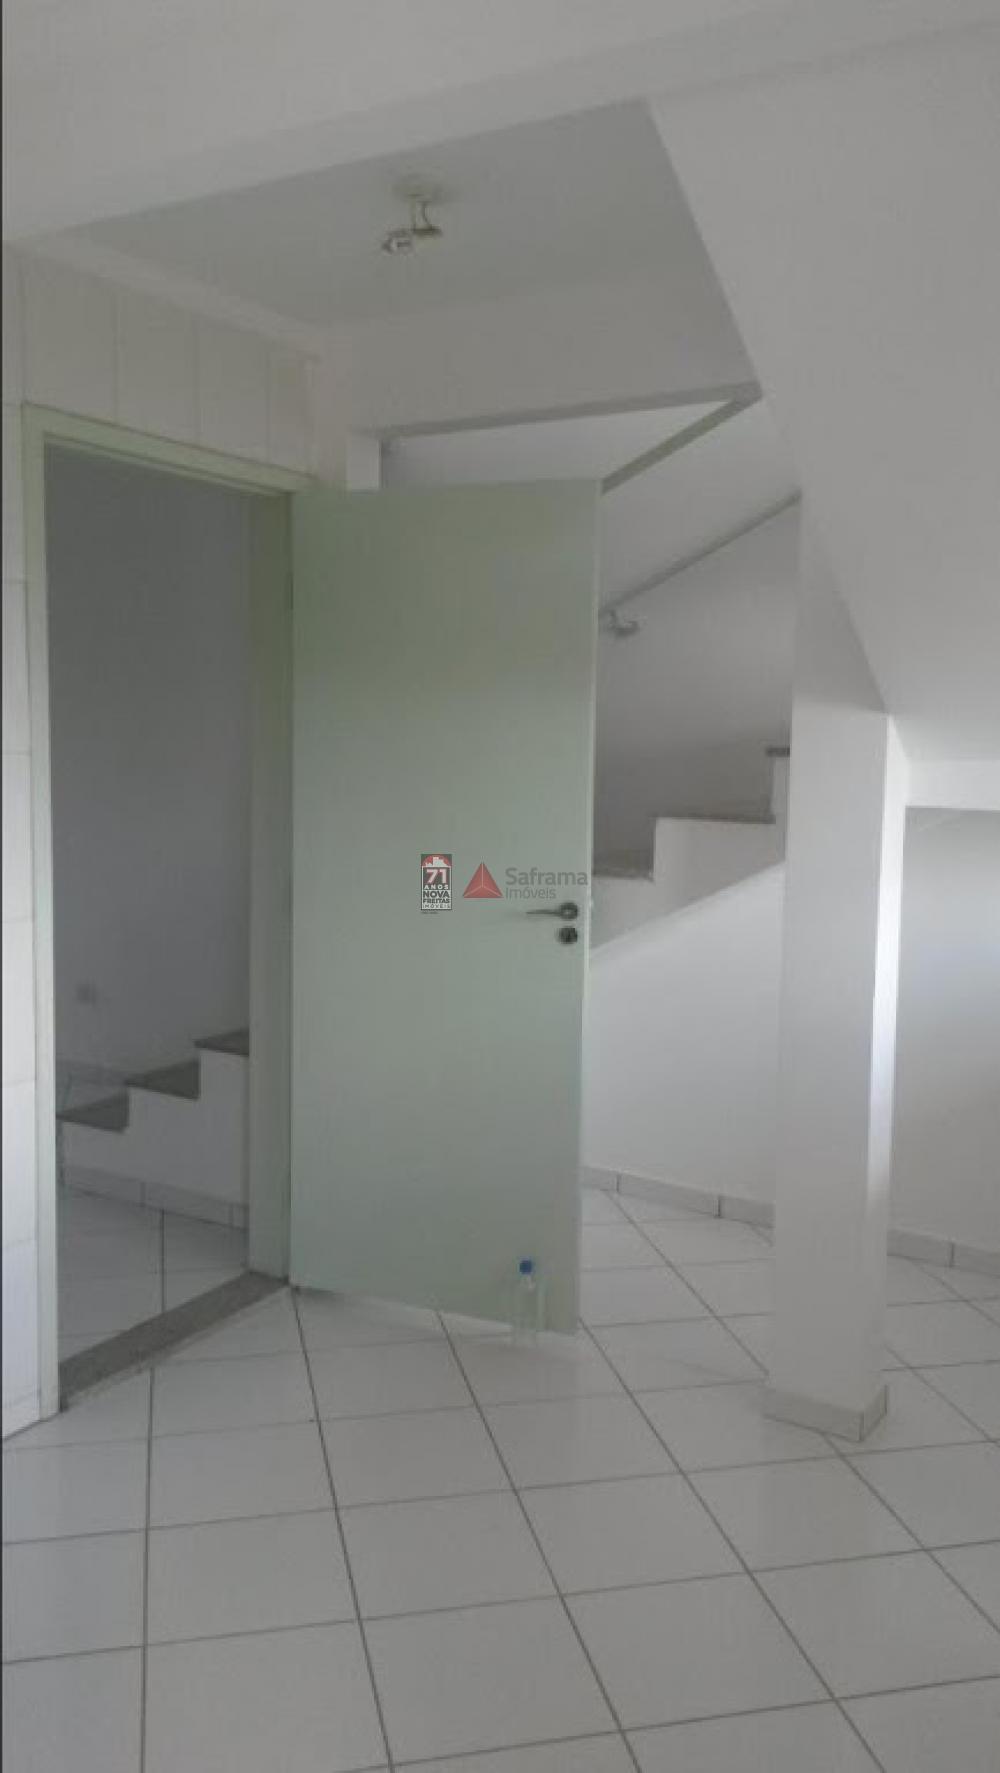 Alugar Comercial / Prédio em São José dos Campos R$ 7.000,00 - Foto 3